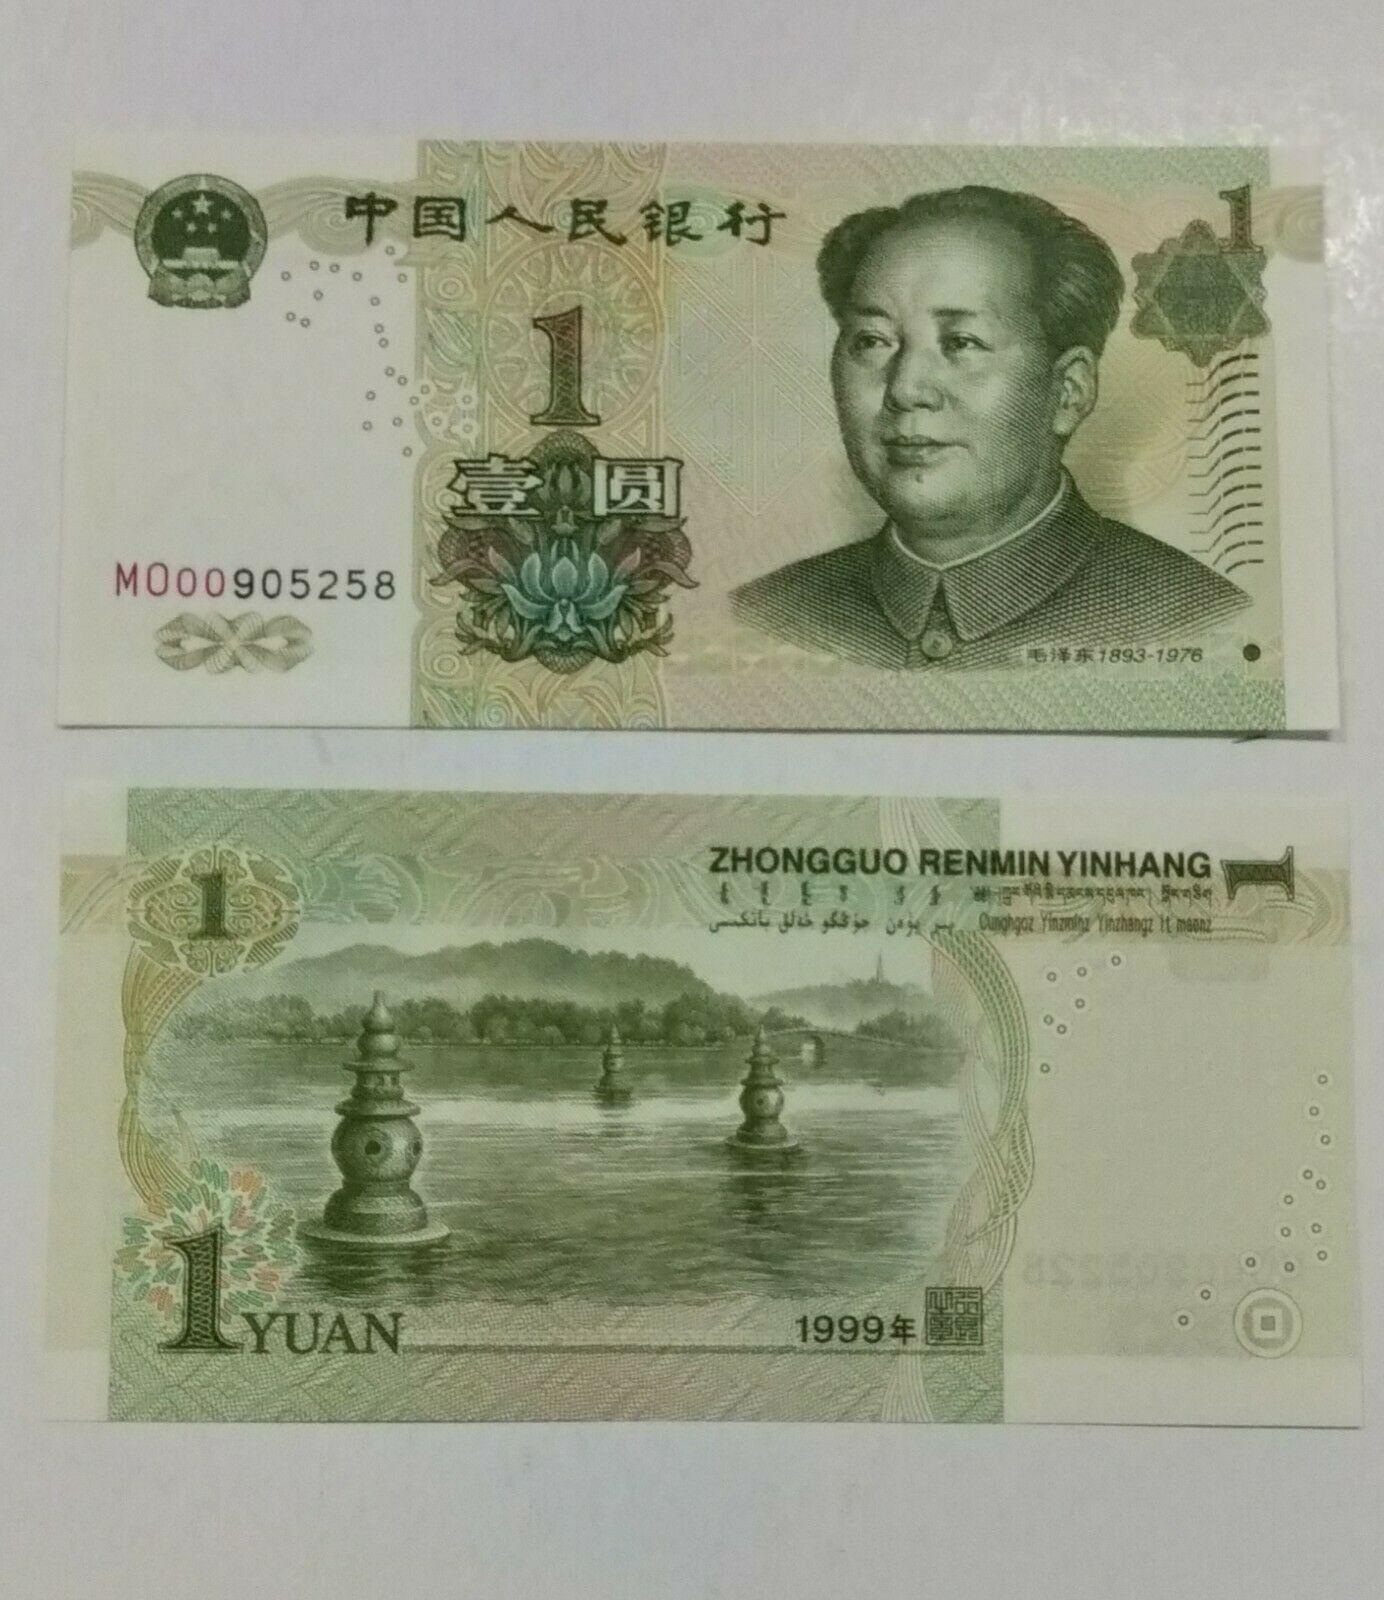 China 1 yuan 1999 banknote